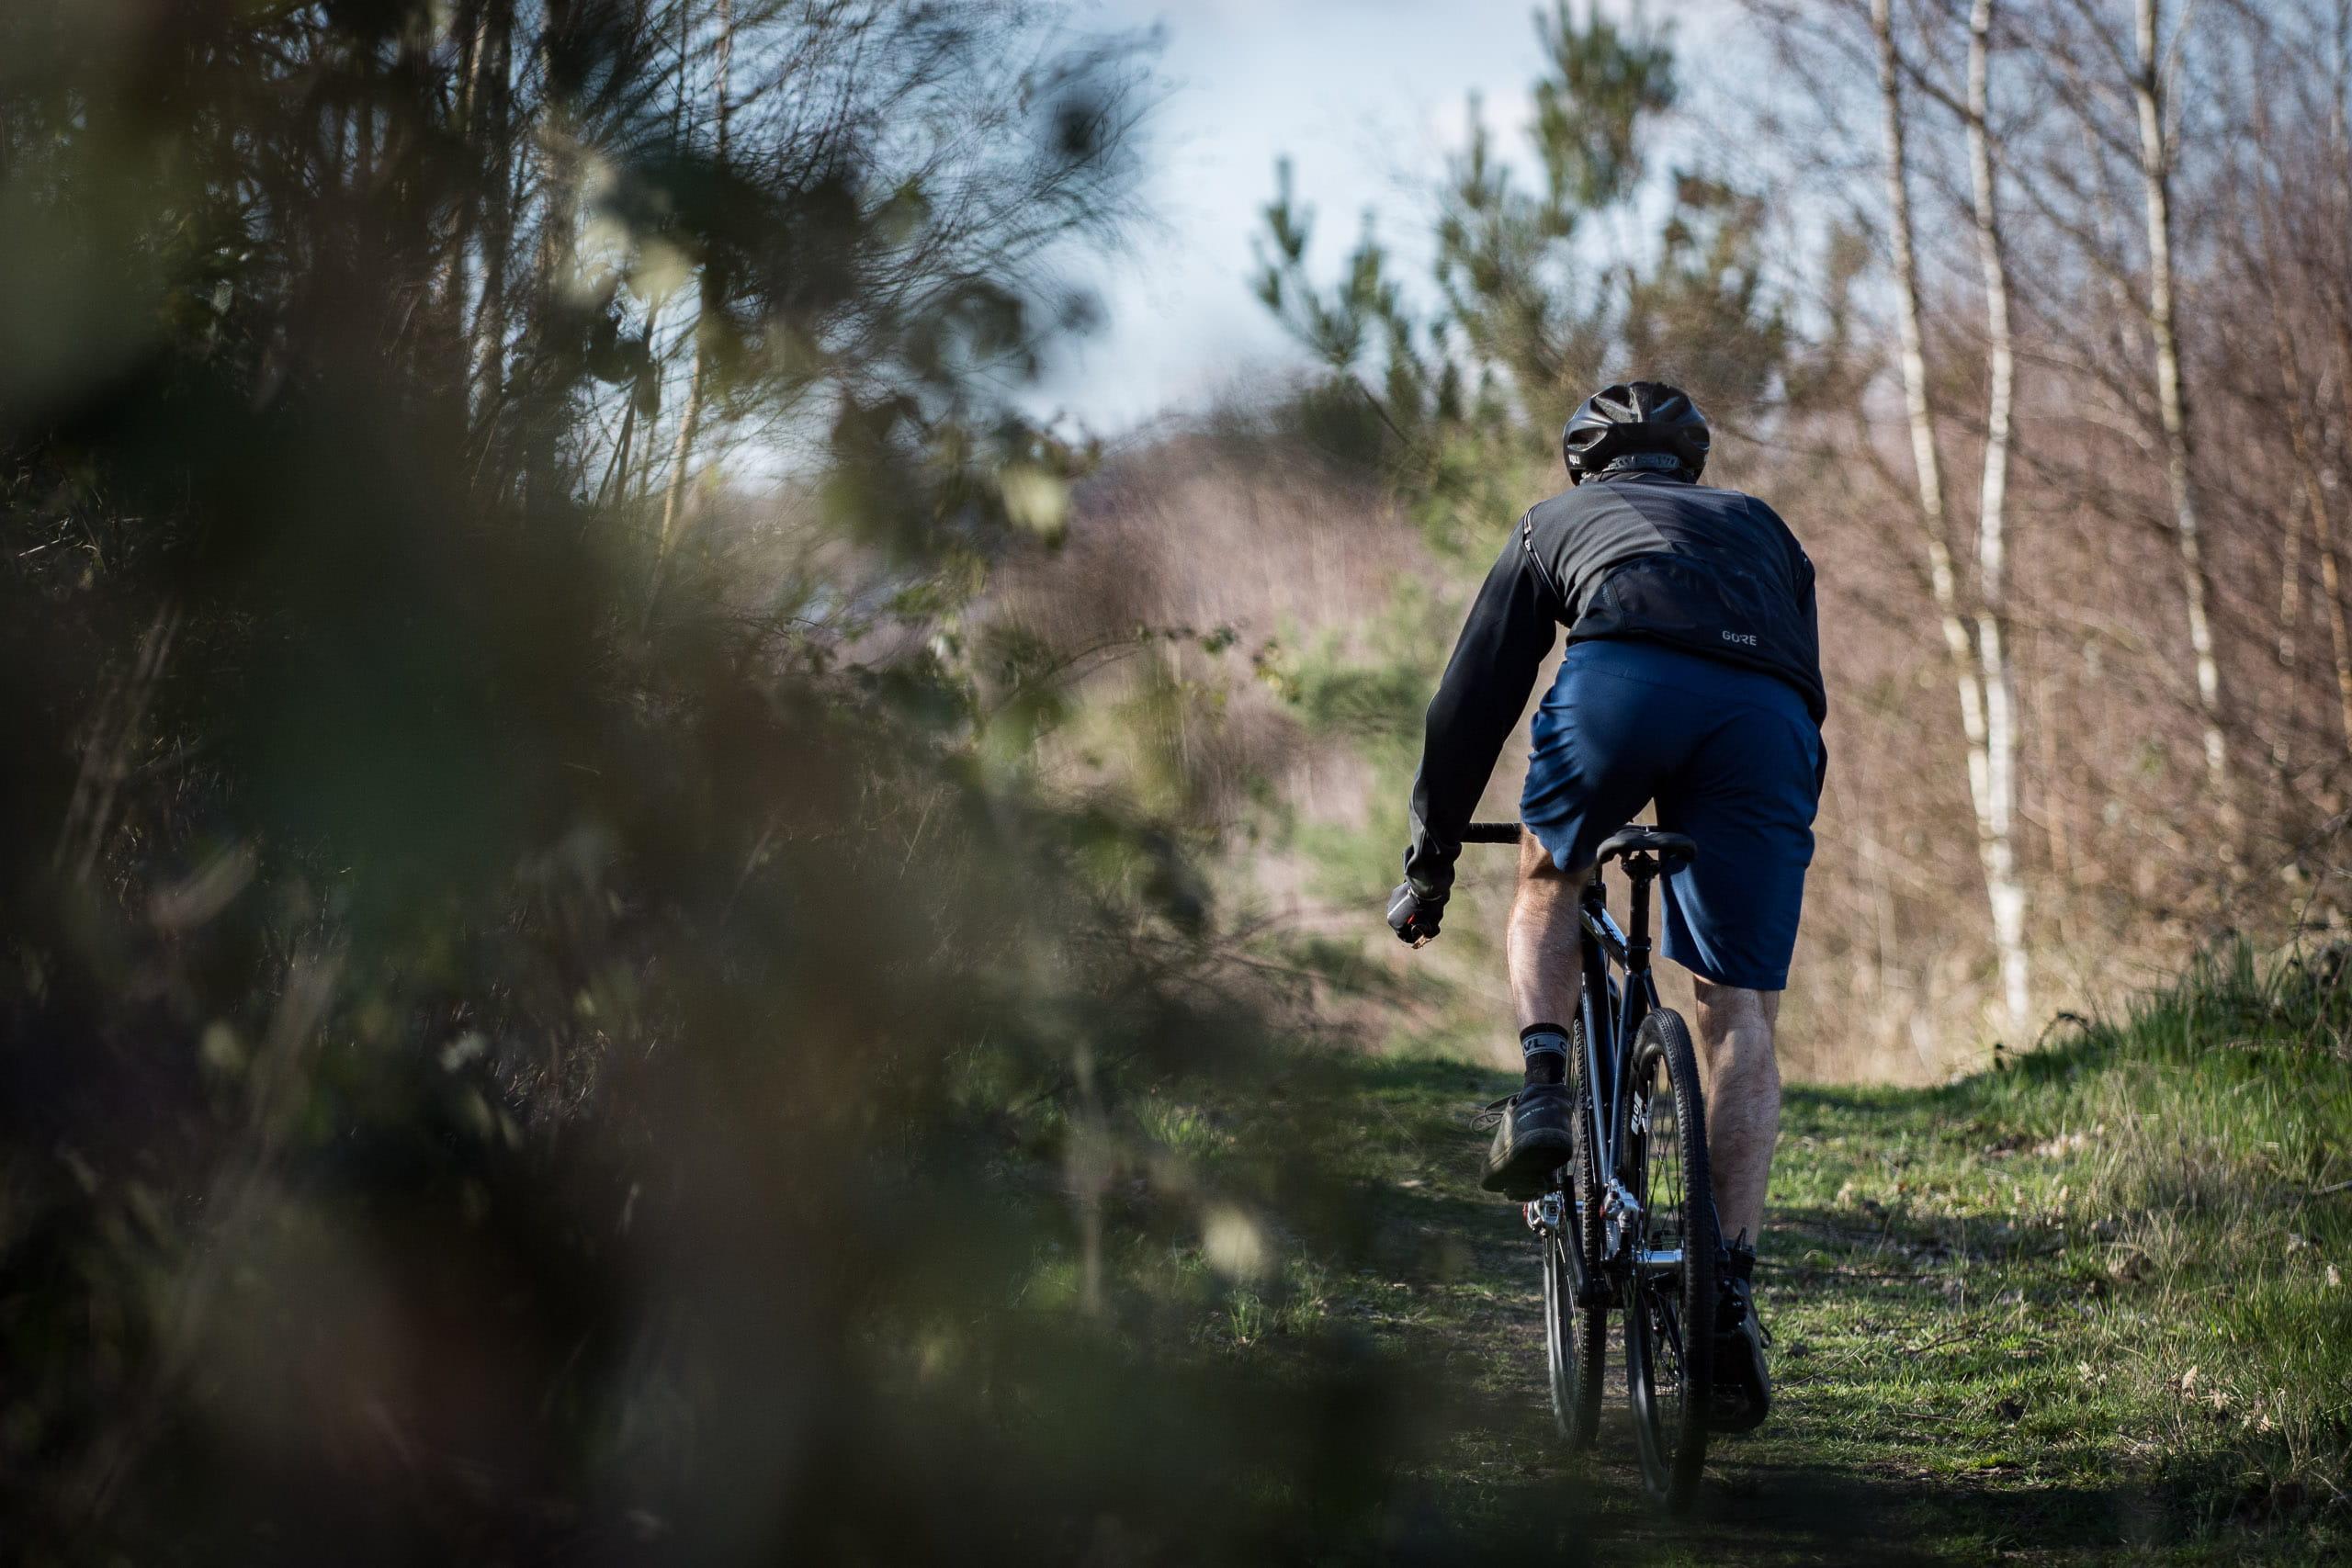 octane-one-gridd-gravel-bike-14